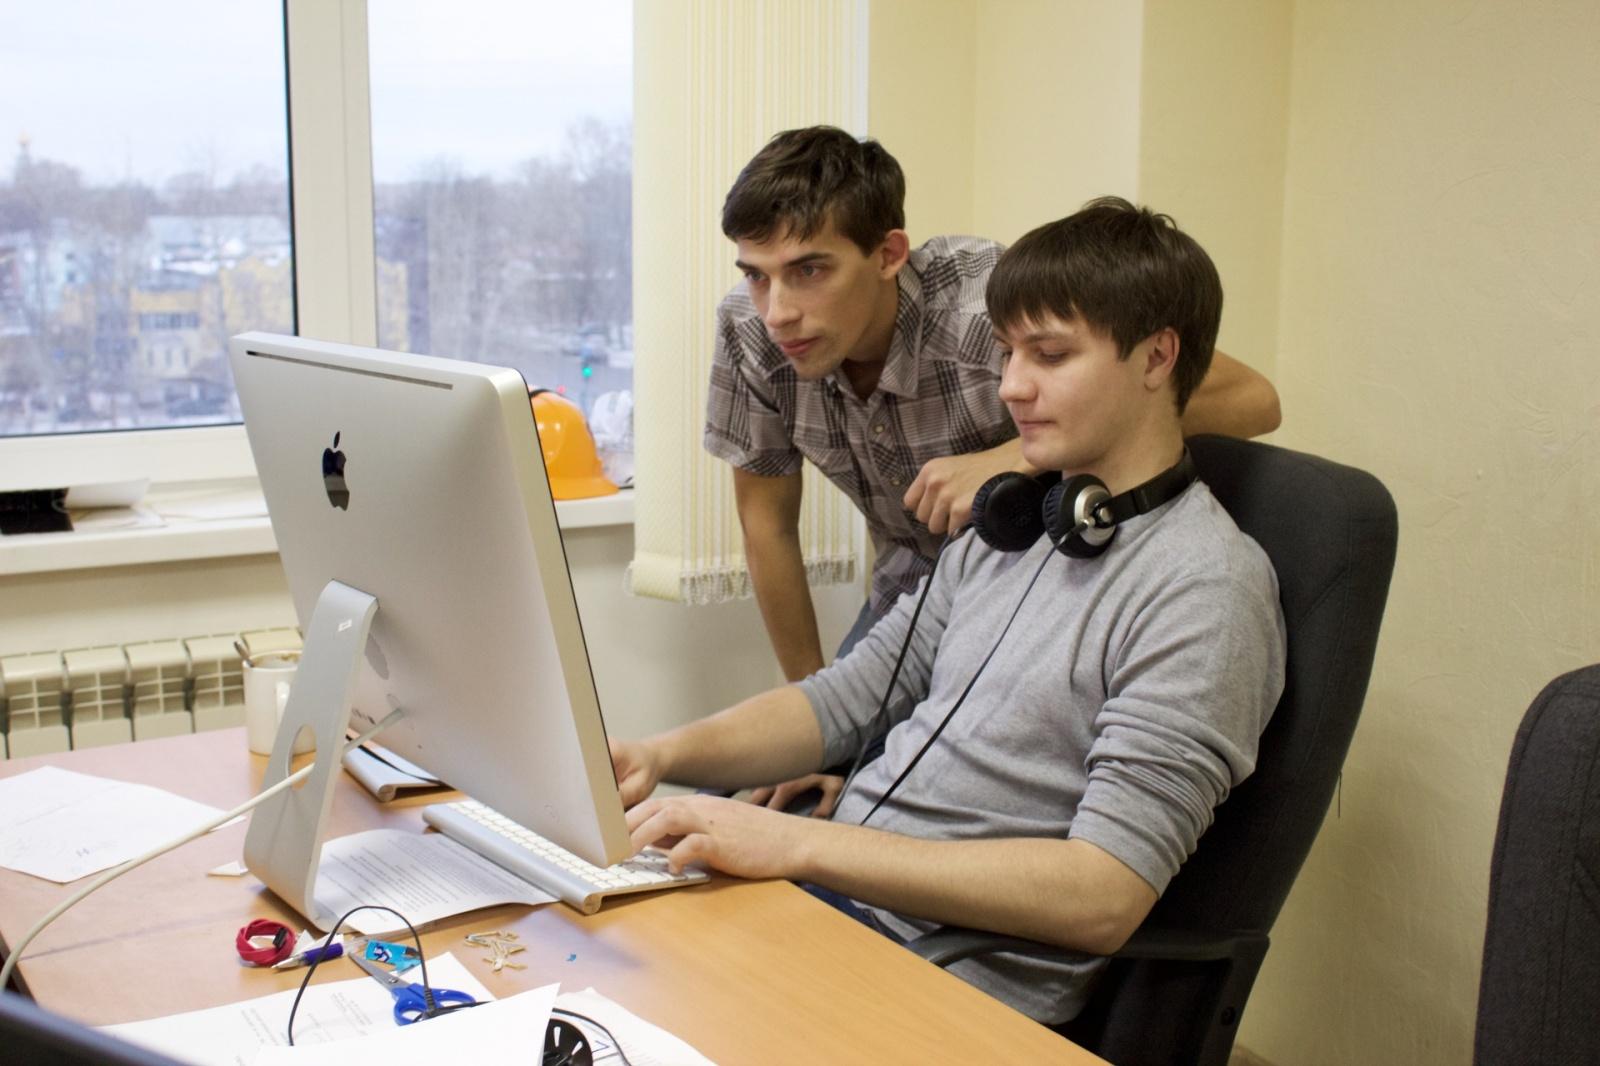 Андрей Воропаев, ТриЛан: «В 40 лет бизнес только начинается» - 12